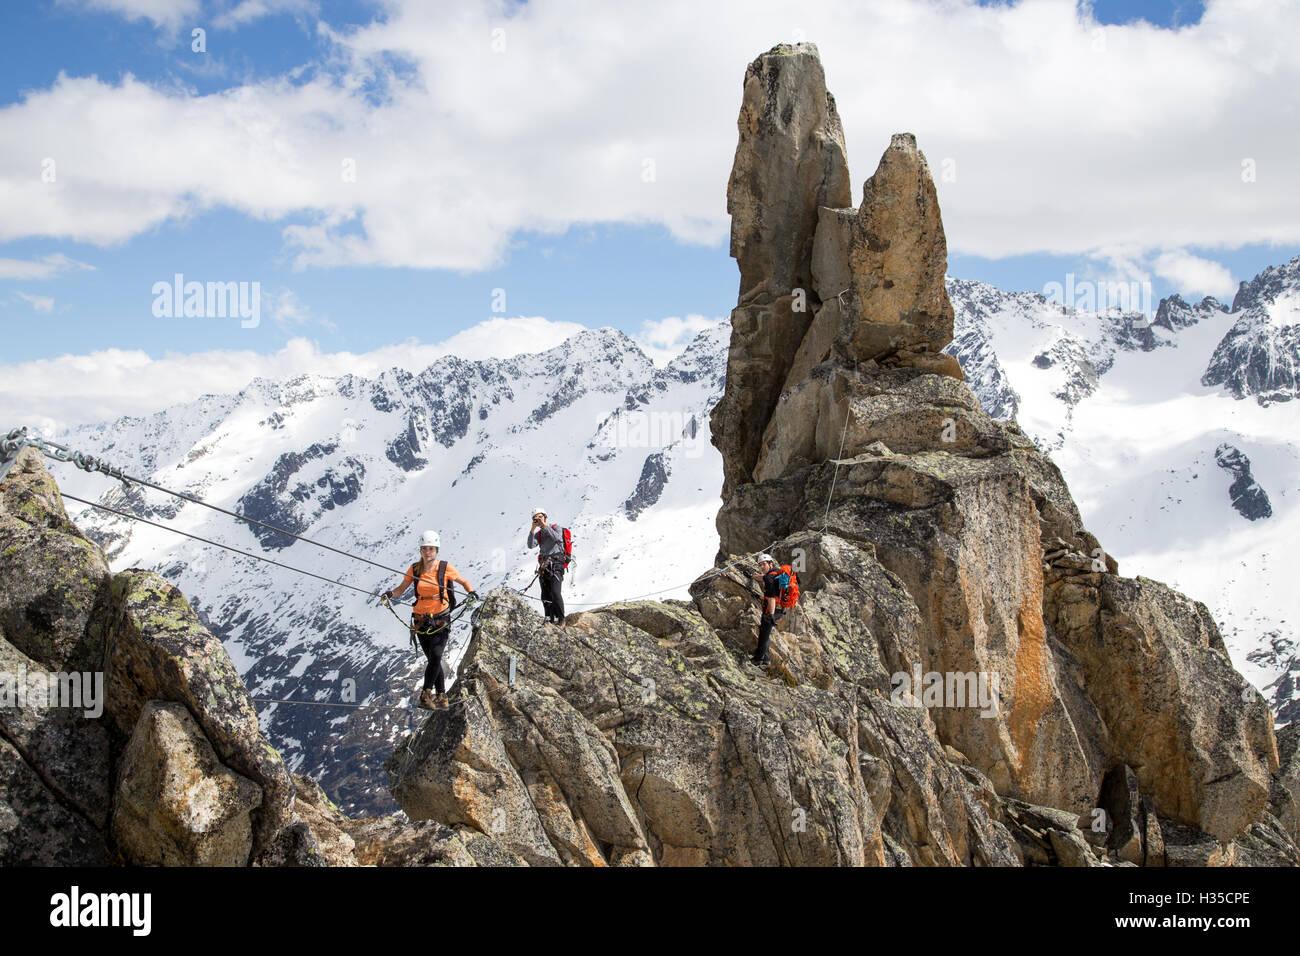 Klettersteig Switzerland : Gruppe von bergsteigern am klettersteig in der schweiz stockfoto